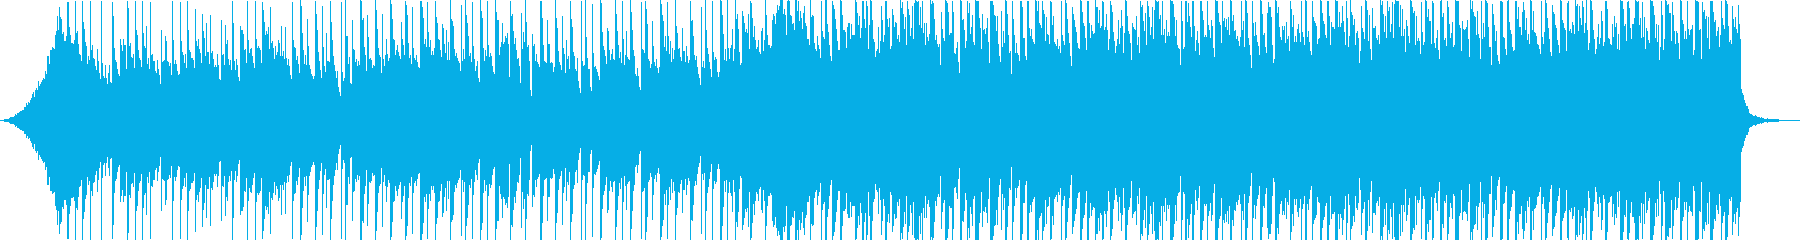 企業VP・希望・エレクトロ 60秒版の再生済みの波形